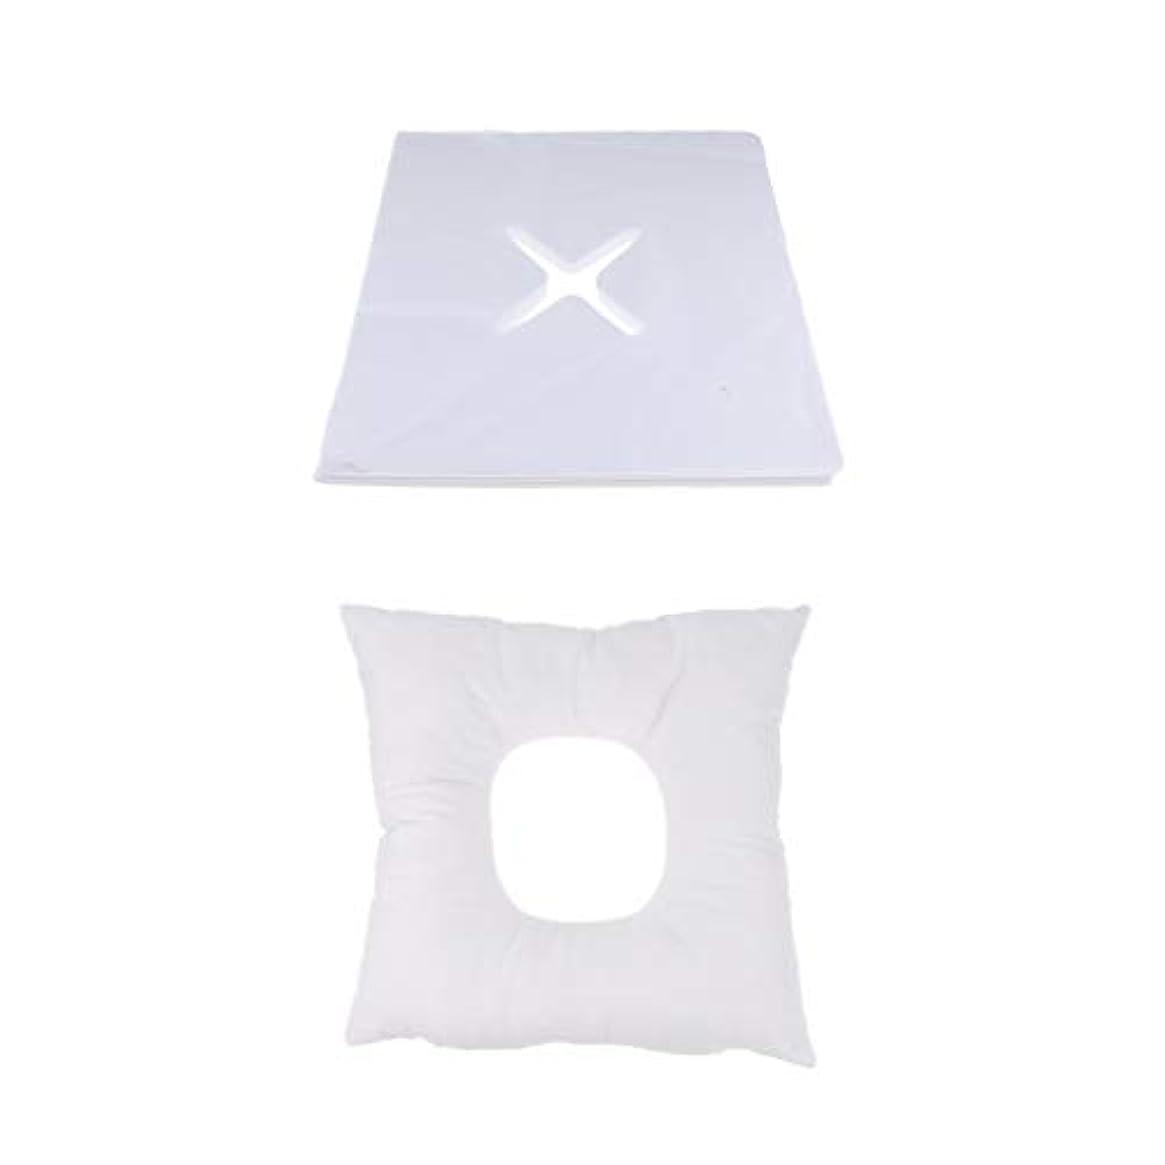 無条件オフセット初心者マッサージ枕 顔枕 フェイスマット 200個使い捨てカバー付き 柔らかく快適